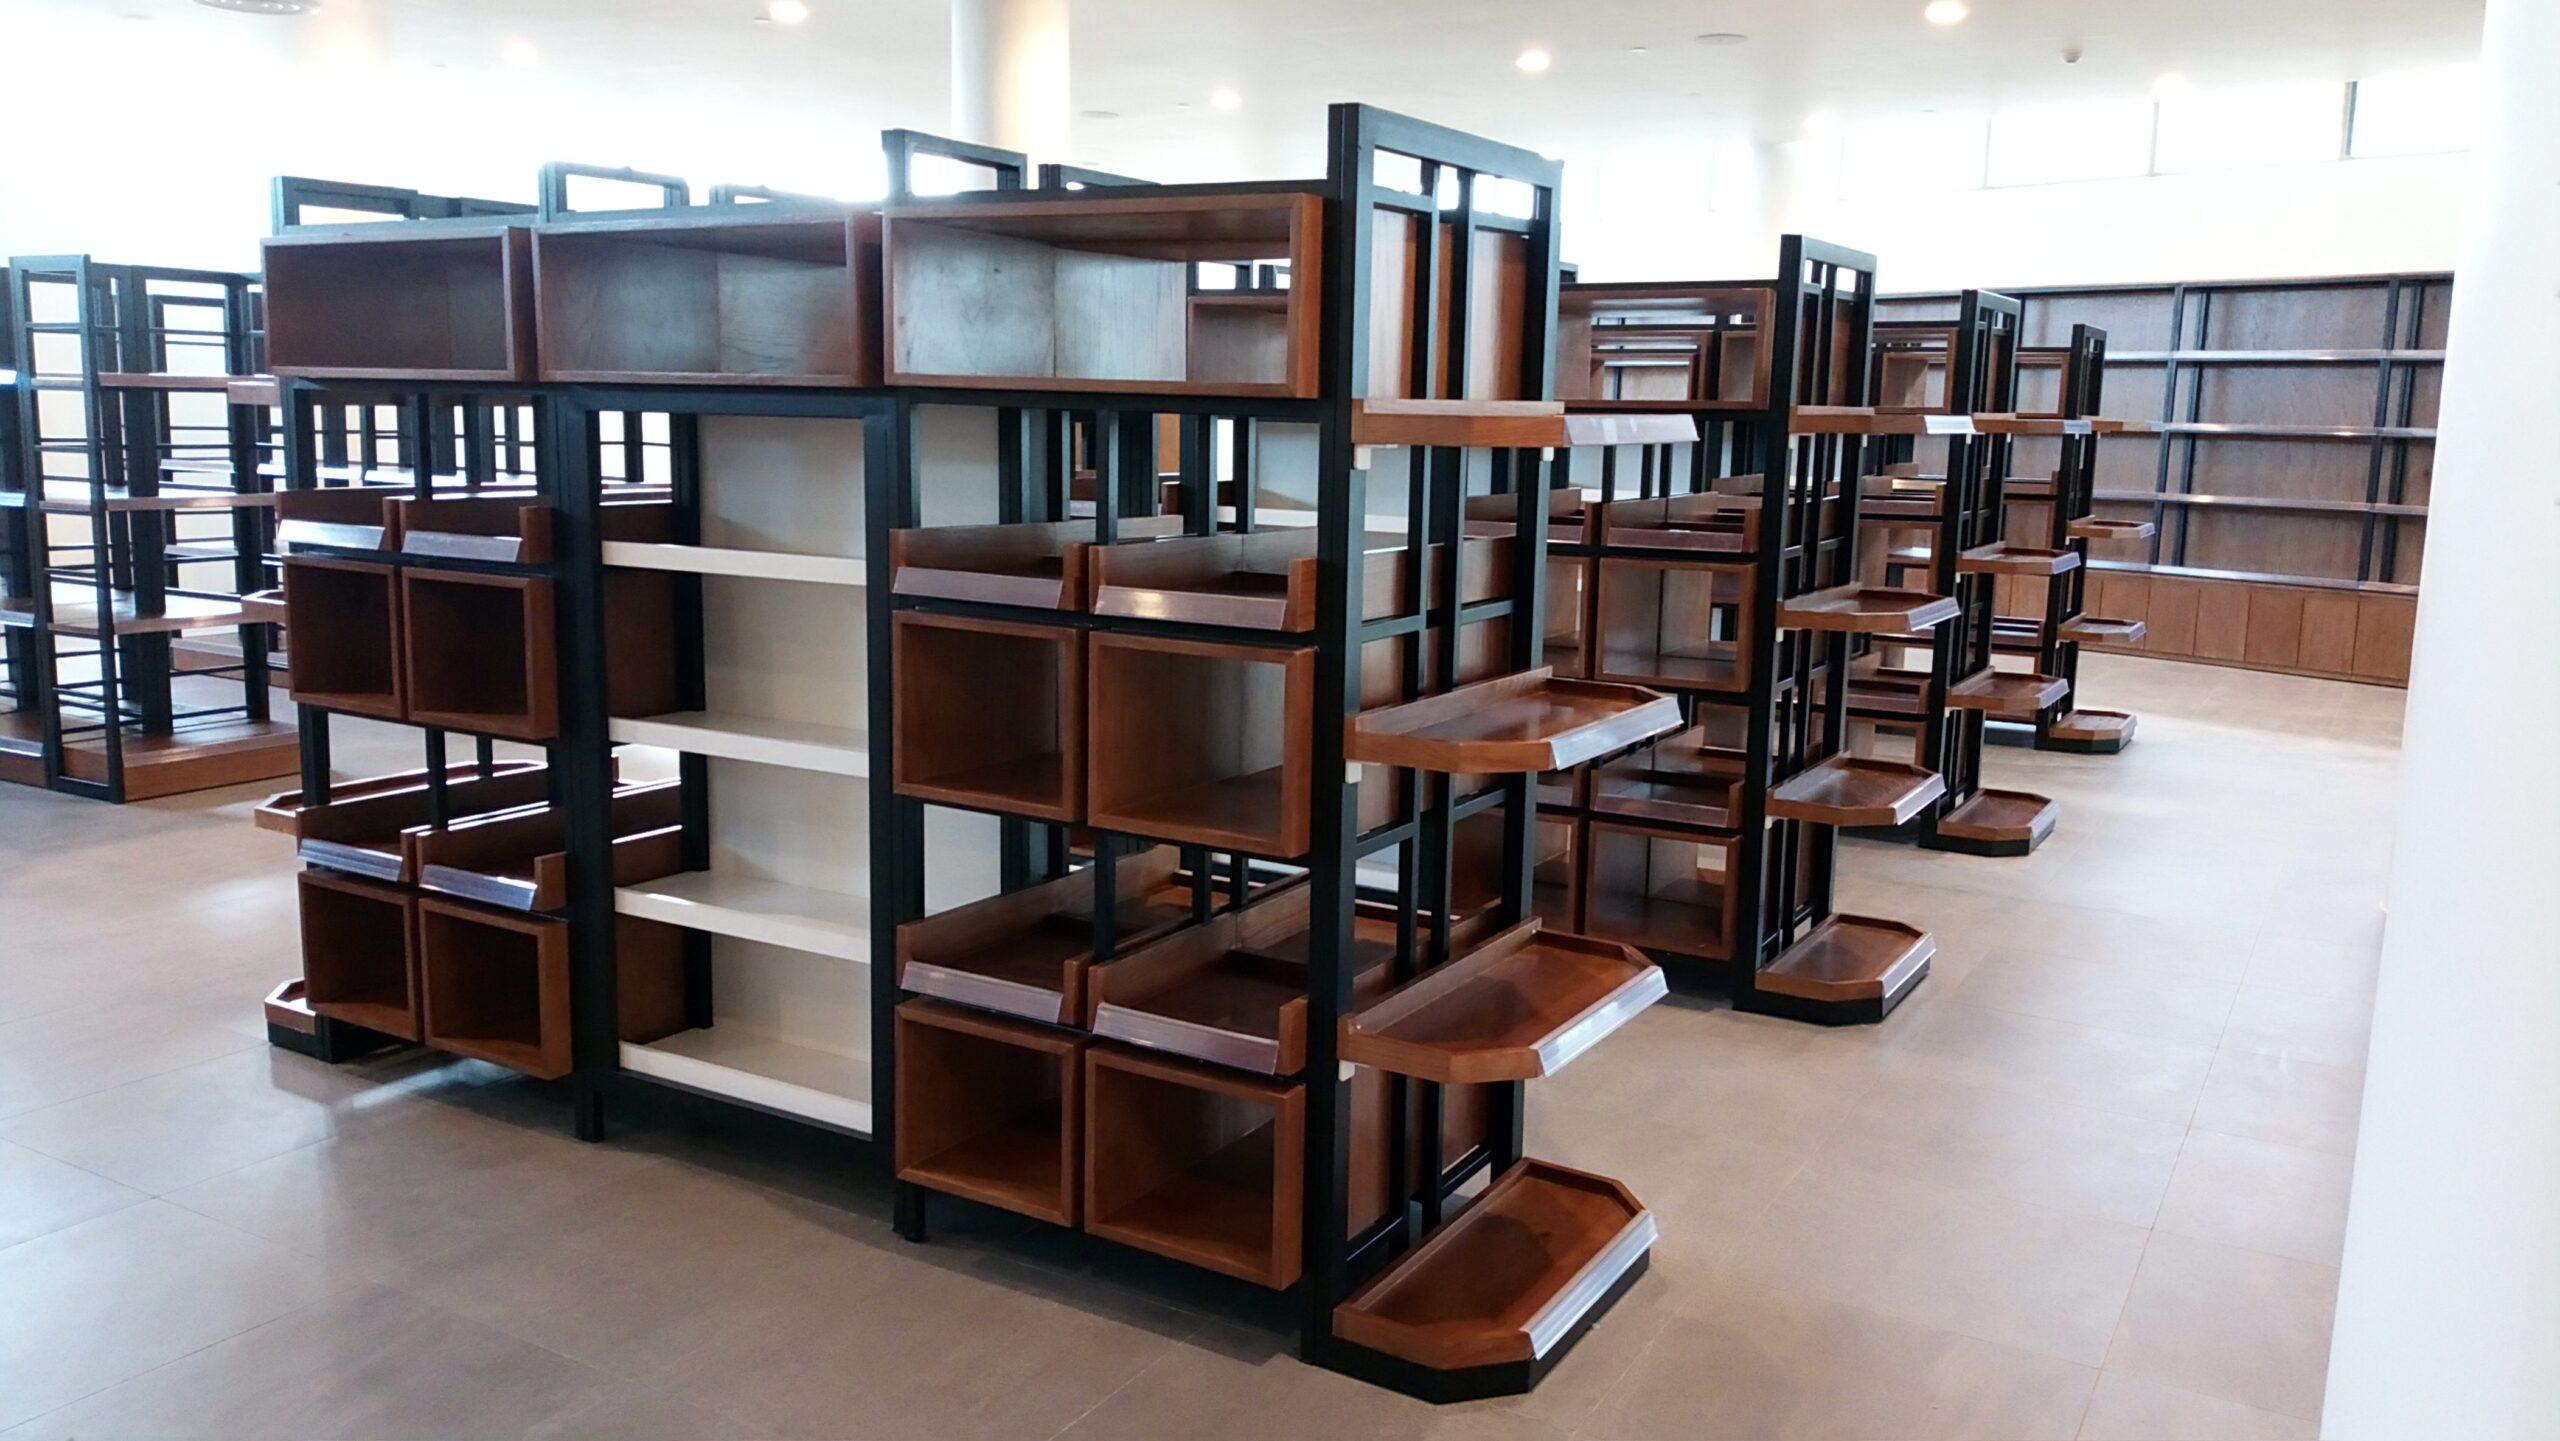 Thiết kế nội thất siêu thị Alma với hệ thống quầy kệ trưng bày hiện đại